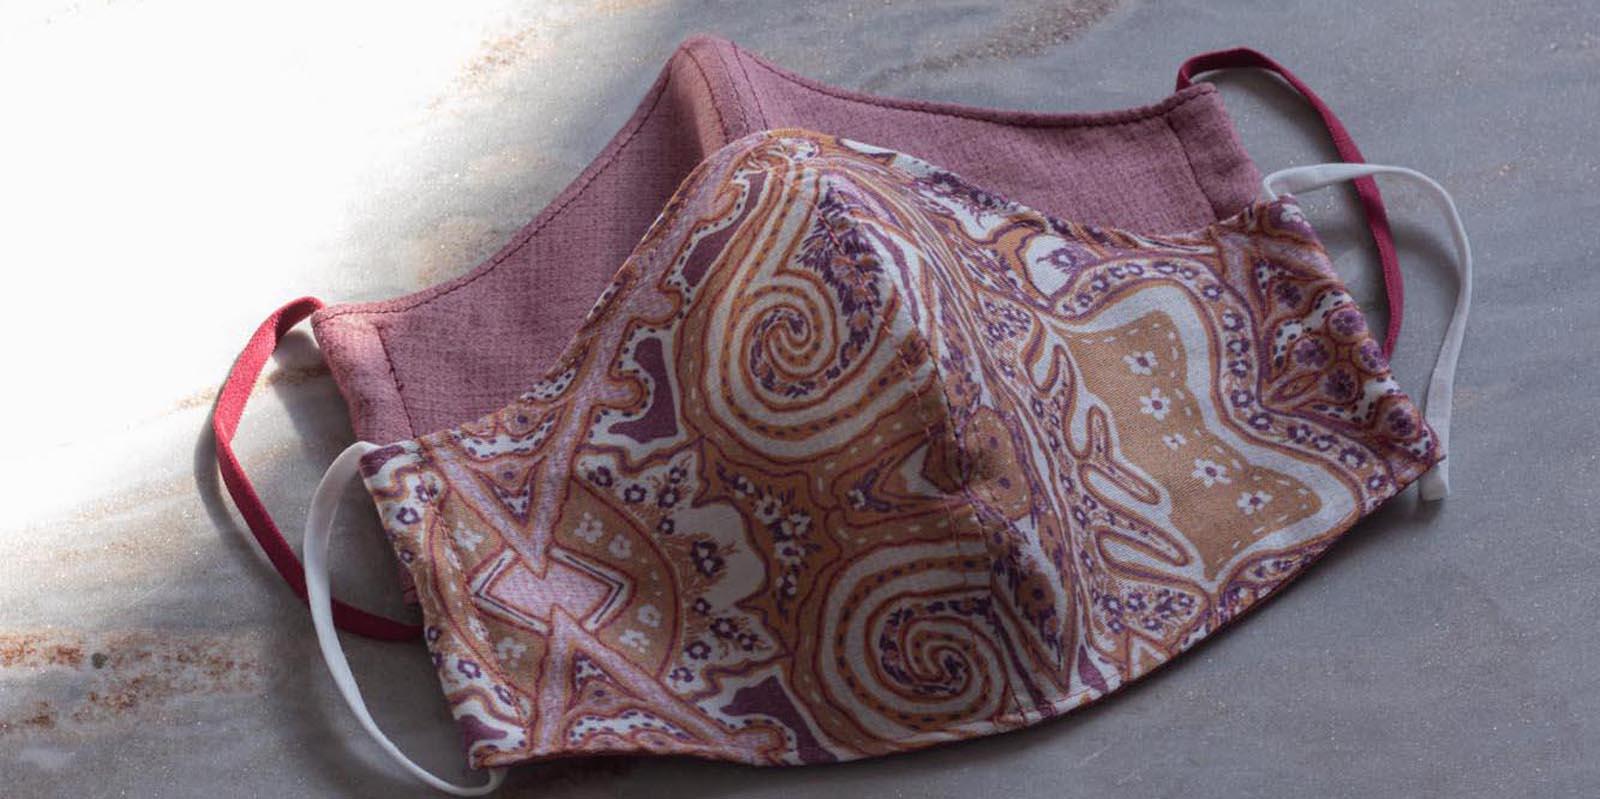 Bettwäsche Upcyclen: Geben Sie Ihren alten Bettwäschen ein neues Leben